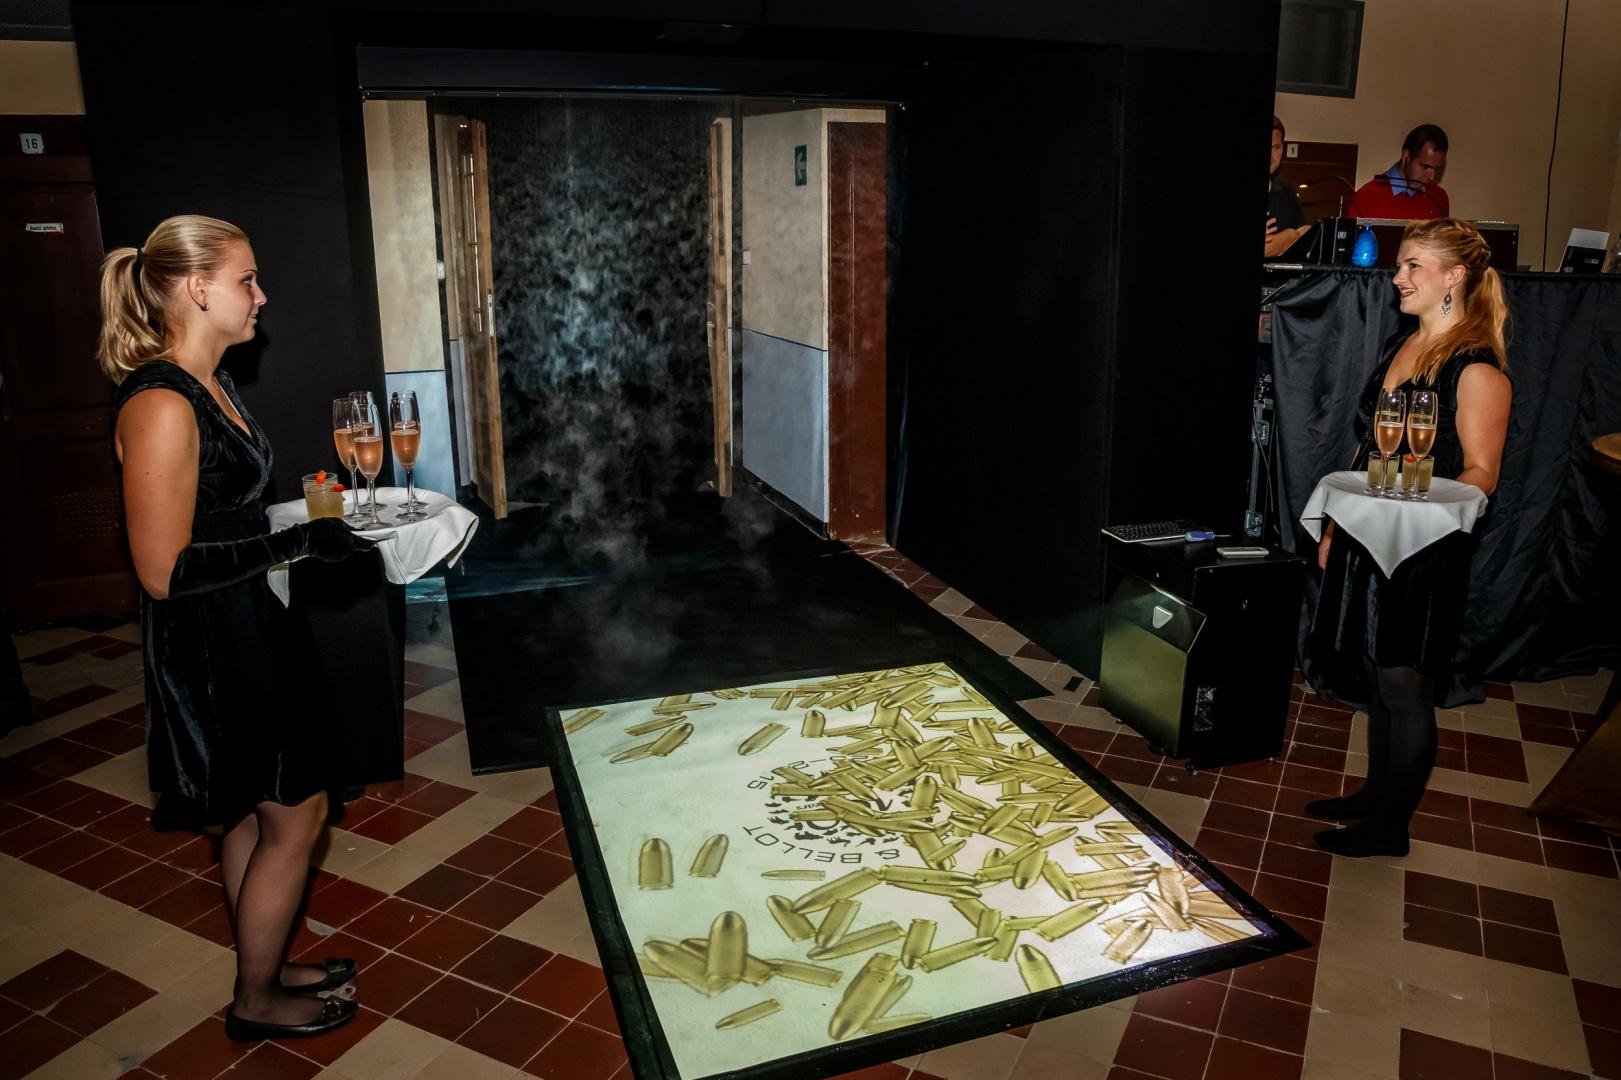 Interaktivní podlaha s vizuálním obsahem Event Interactive